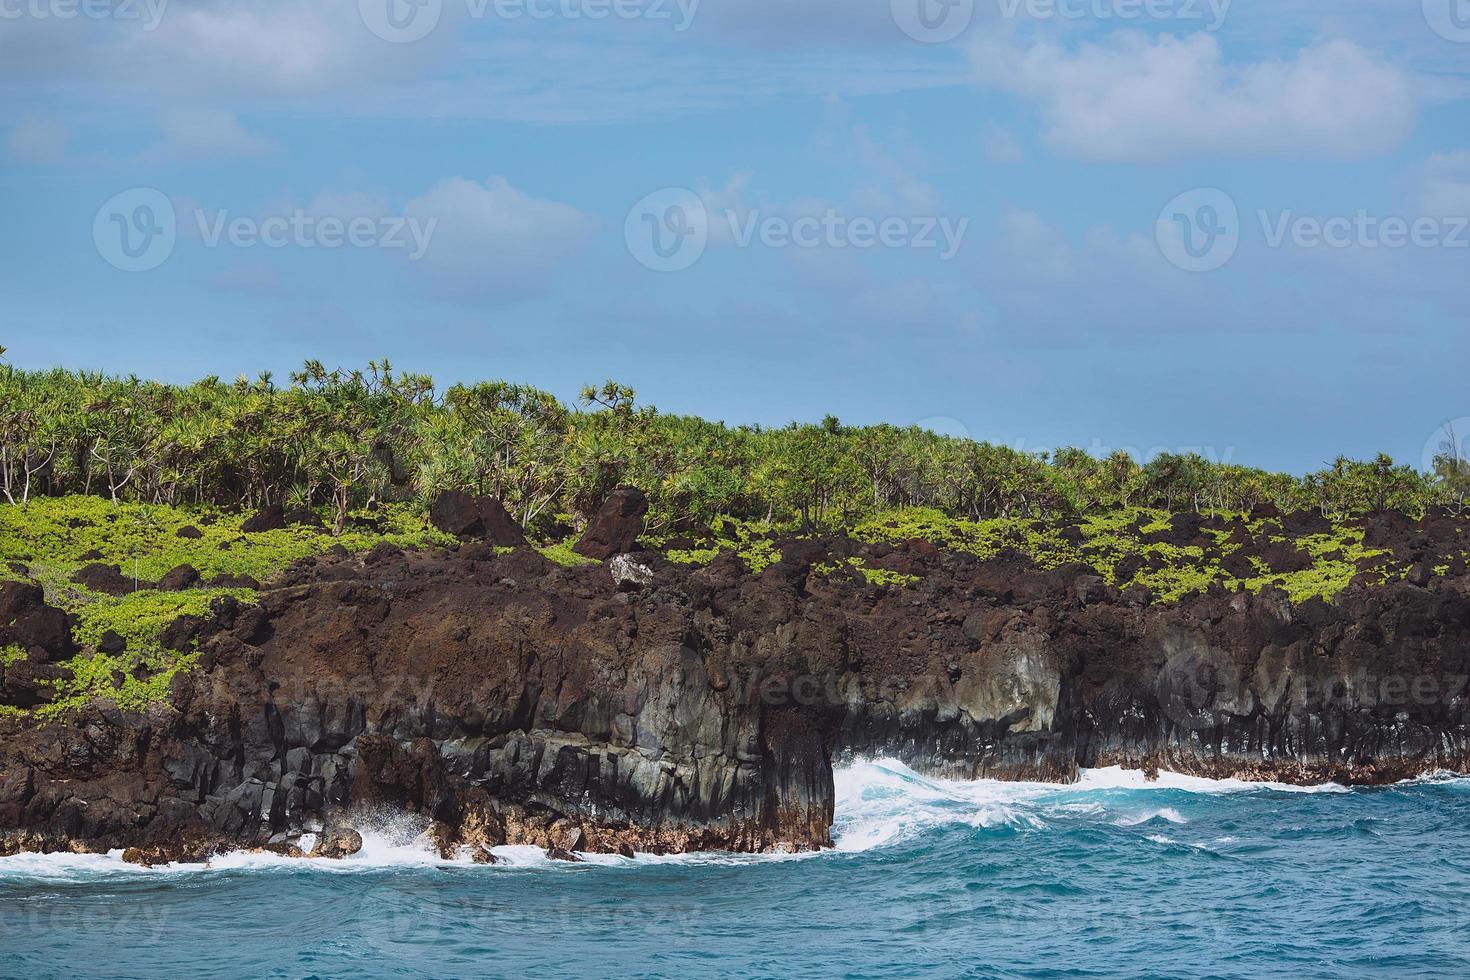 kustklippor - wai'anapanapa delstatspark, maui, hawaii foto